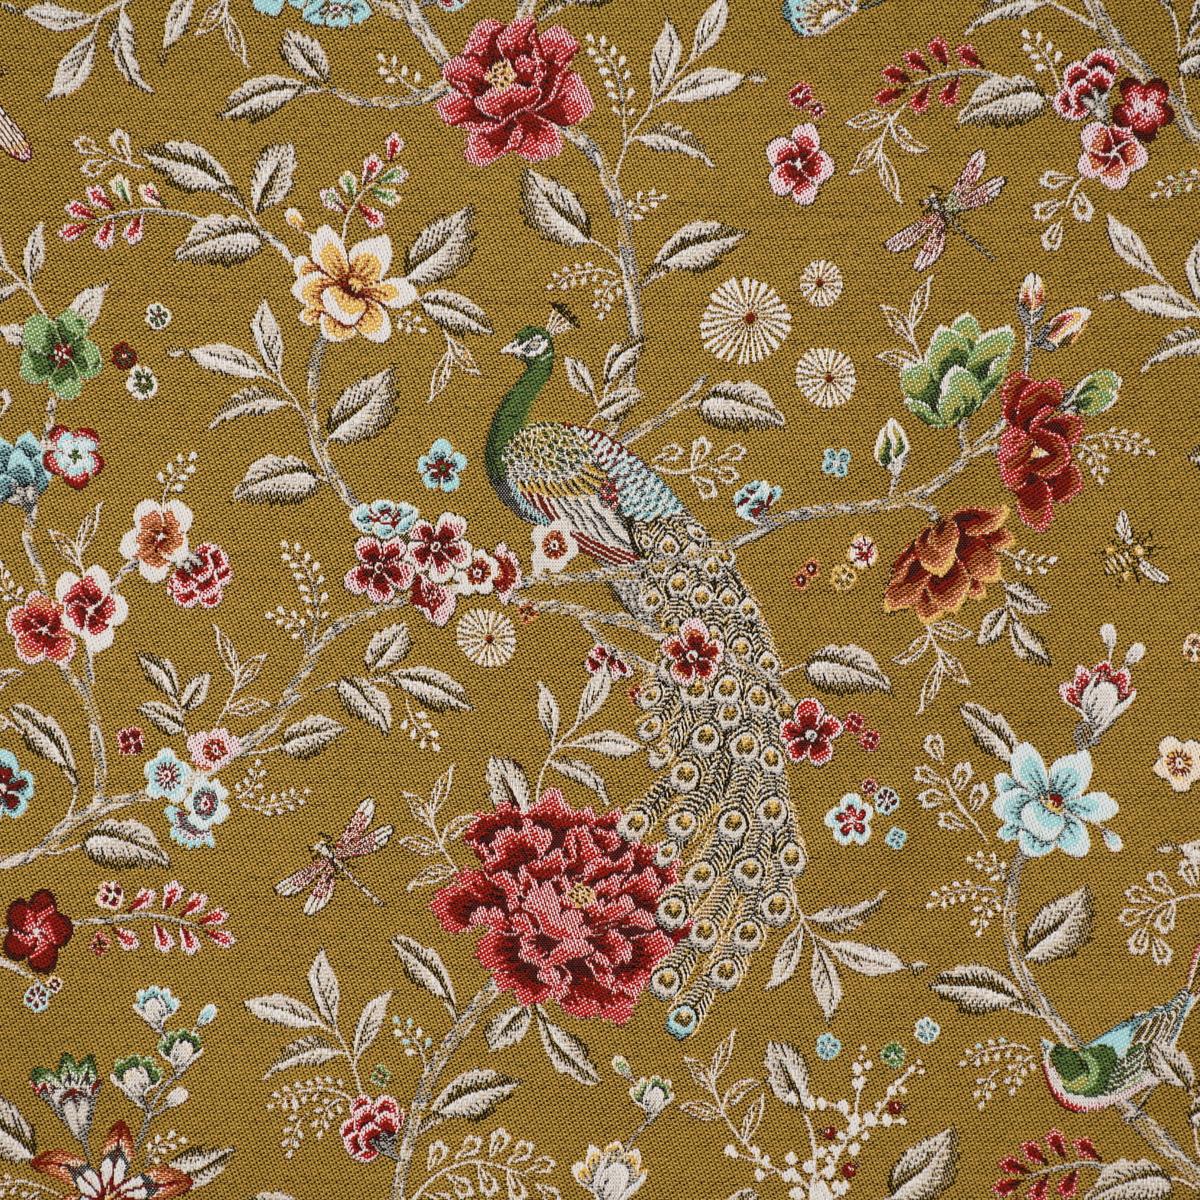 Dekostoff Jacquard SIAM Blumen Blätter Pfau groß senf goldfarbig bunt 1,4m Breite